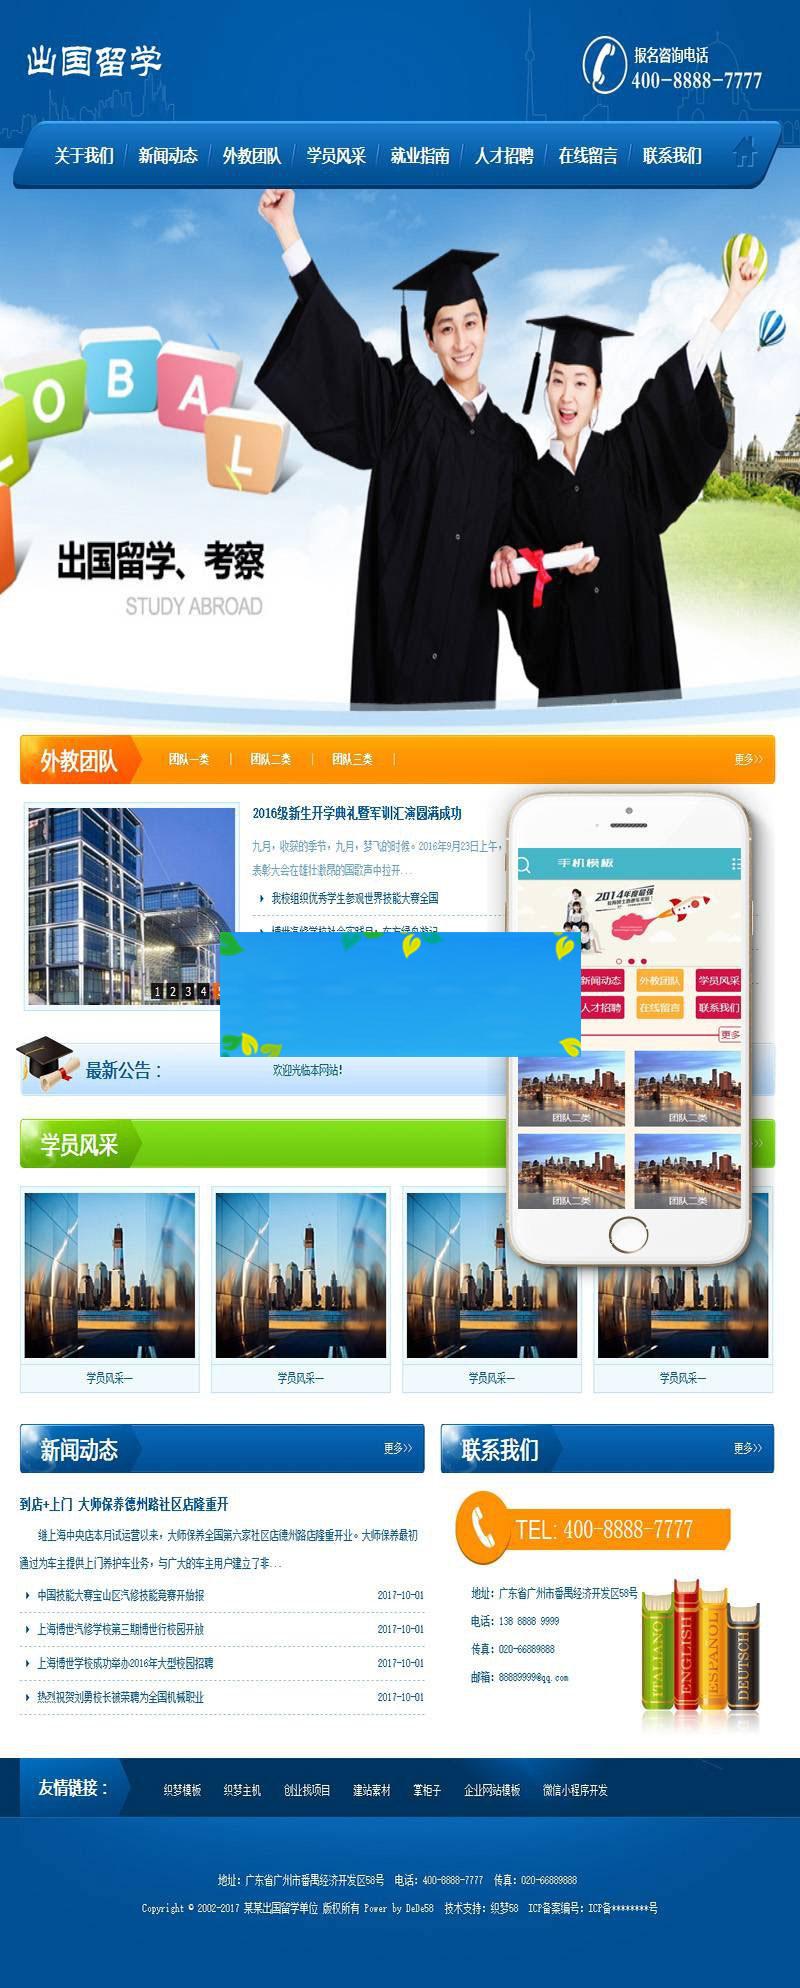 织梦dedecms出国留学签证企业网站模板(带手机移动端)